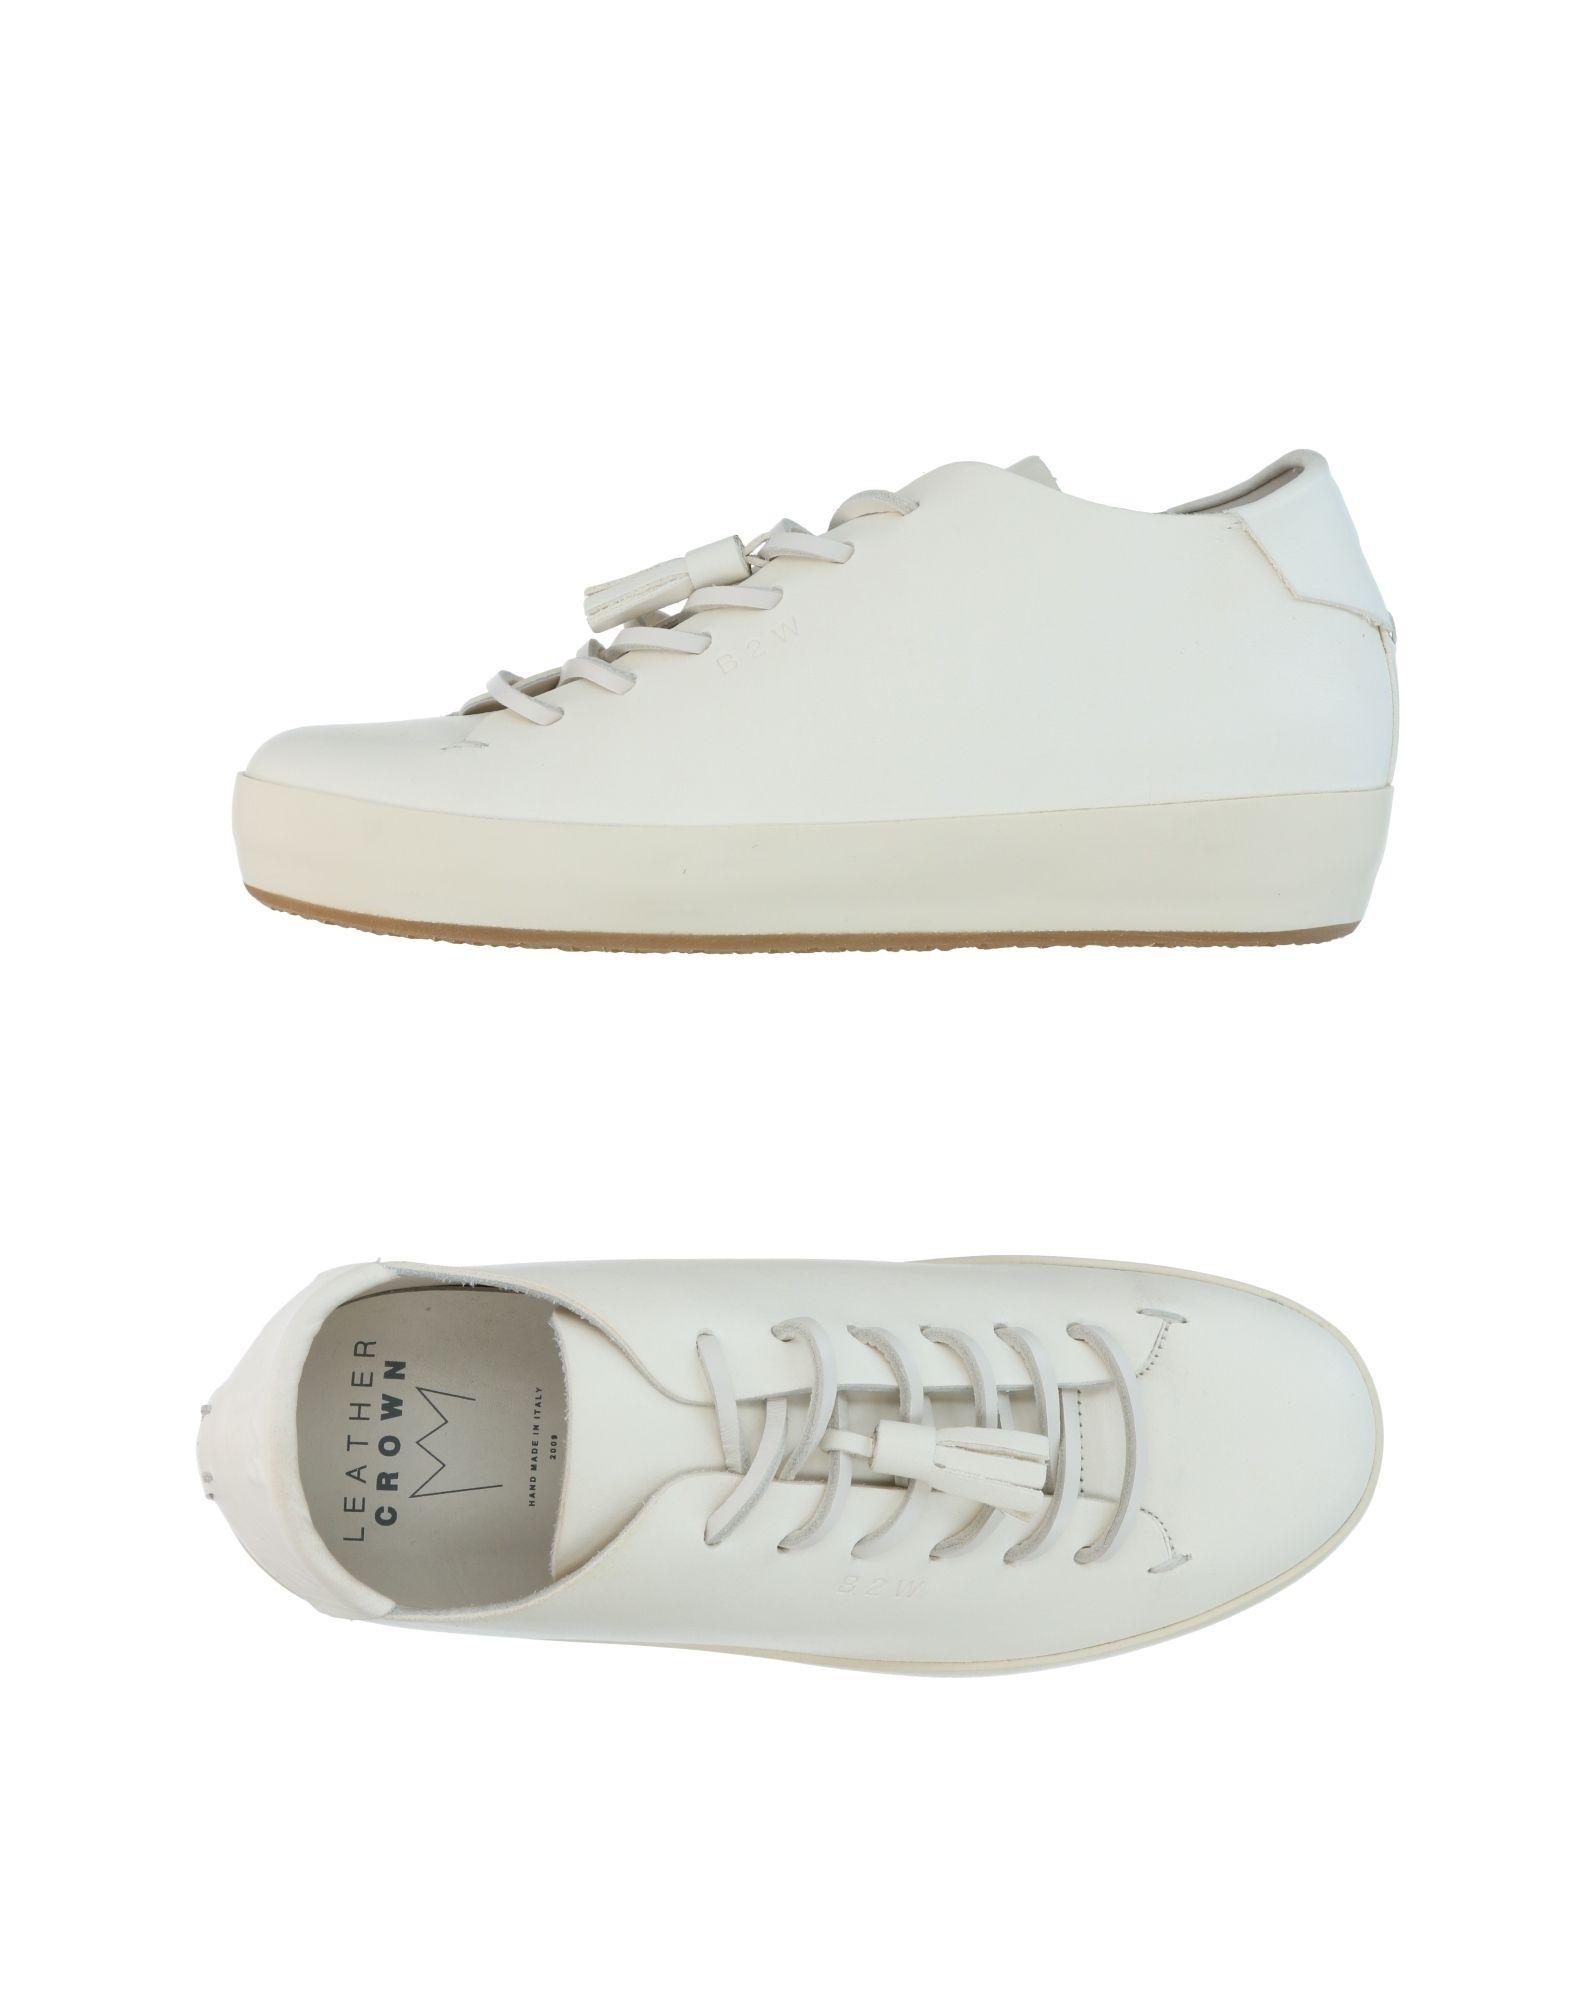 Stilvolle Sneakers billige Schuhe Leather Crown Sneakers Stilvolle Damen  11309513AO 502287